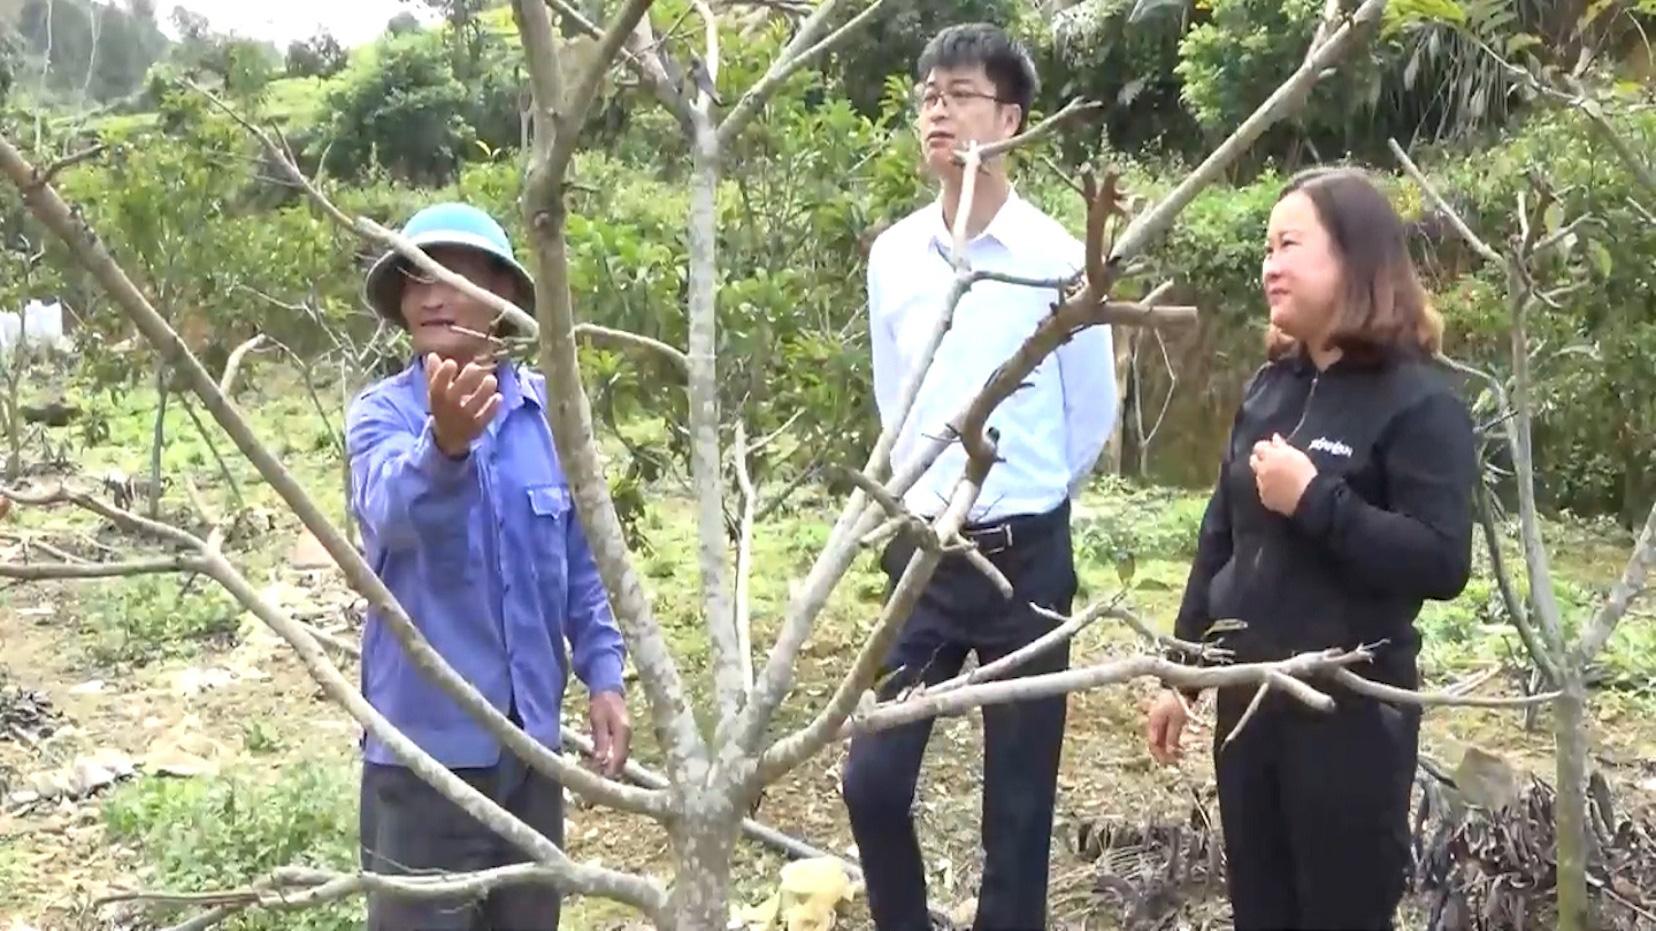 Yên Bái: Triển vọng từ mô hình trồng na ở huyện Văn Chấn - Ảnh 3.